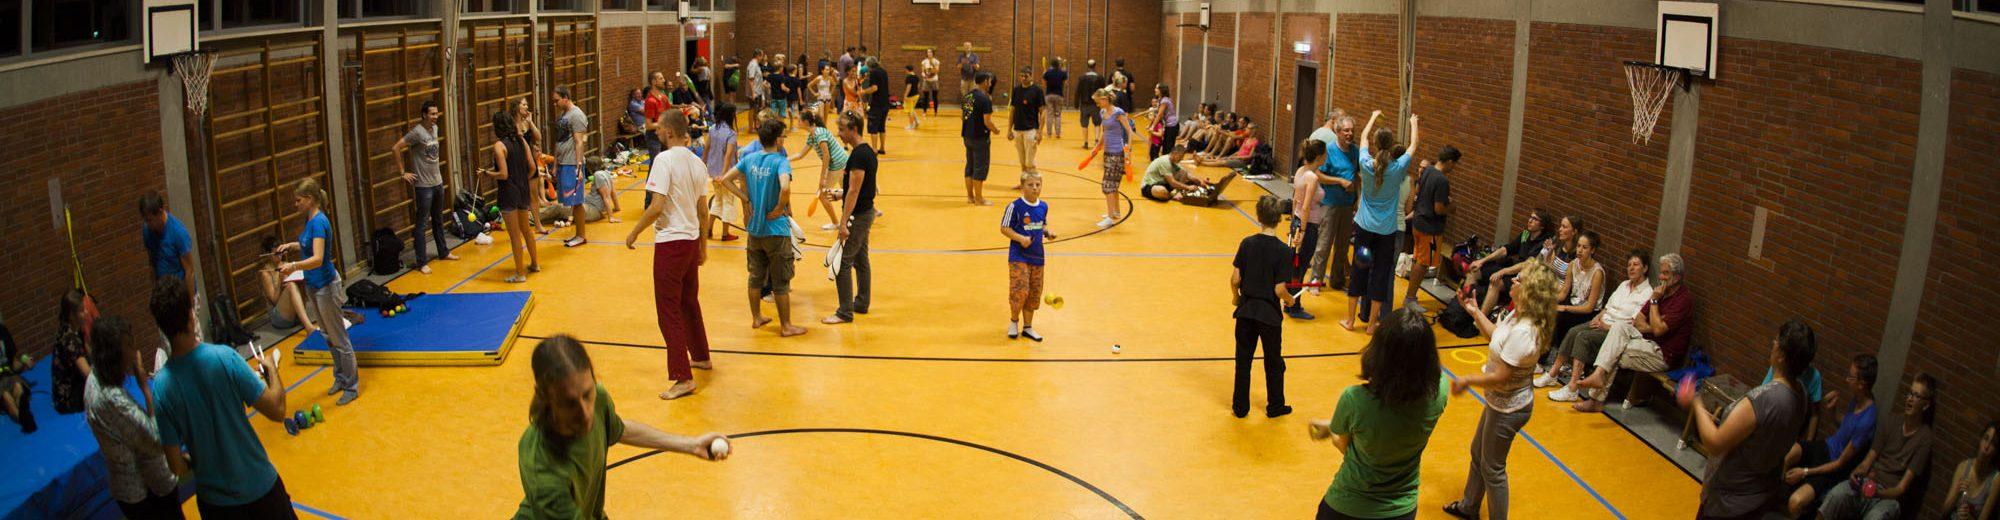 Česko-německé setkání žonglérů a kejklířů